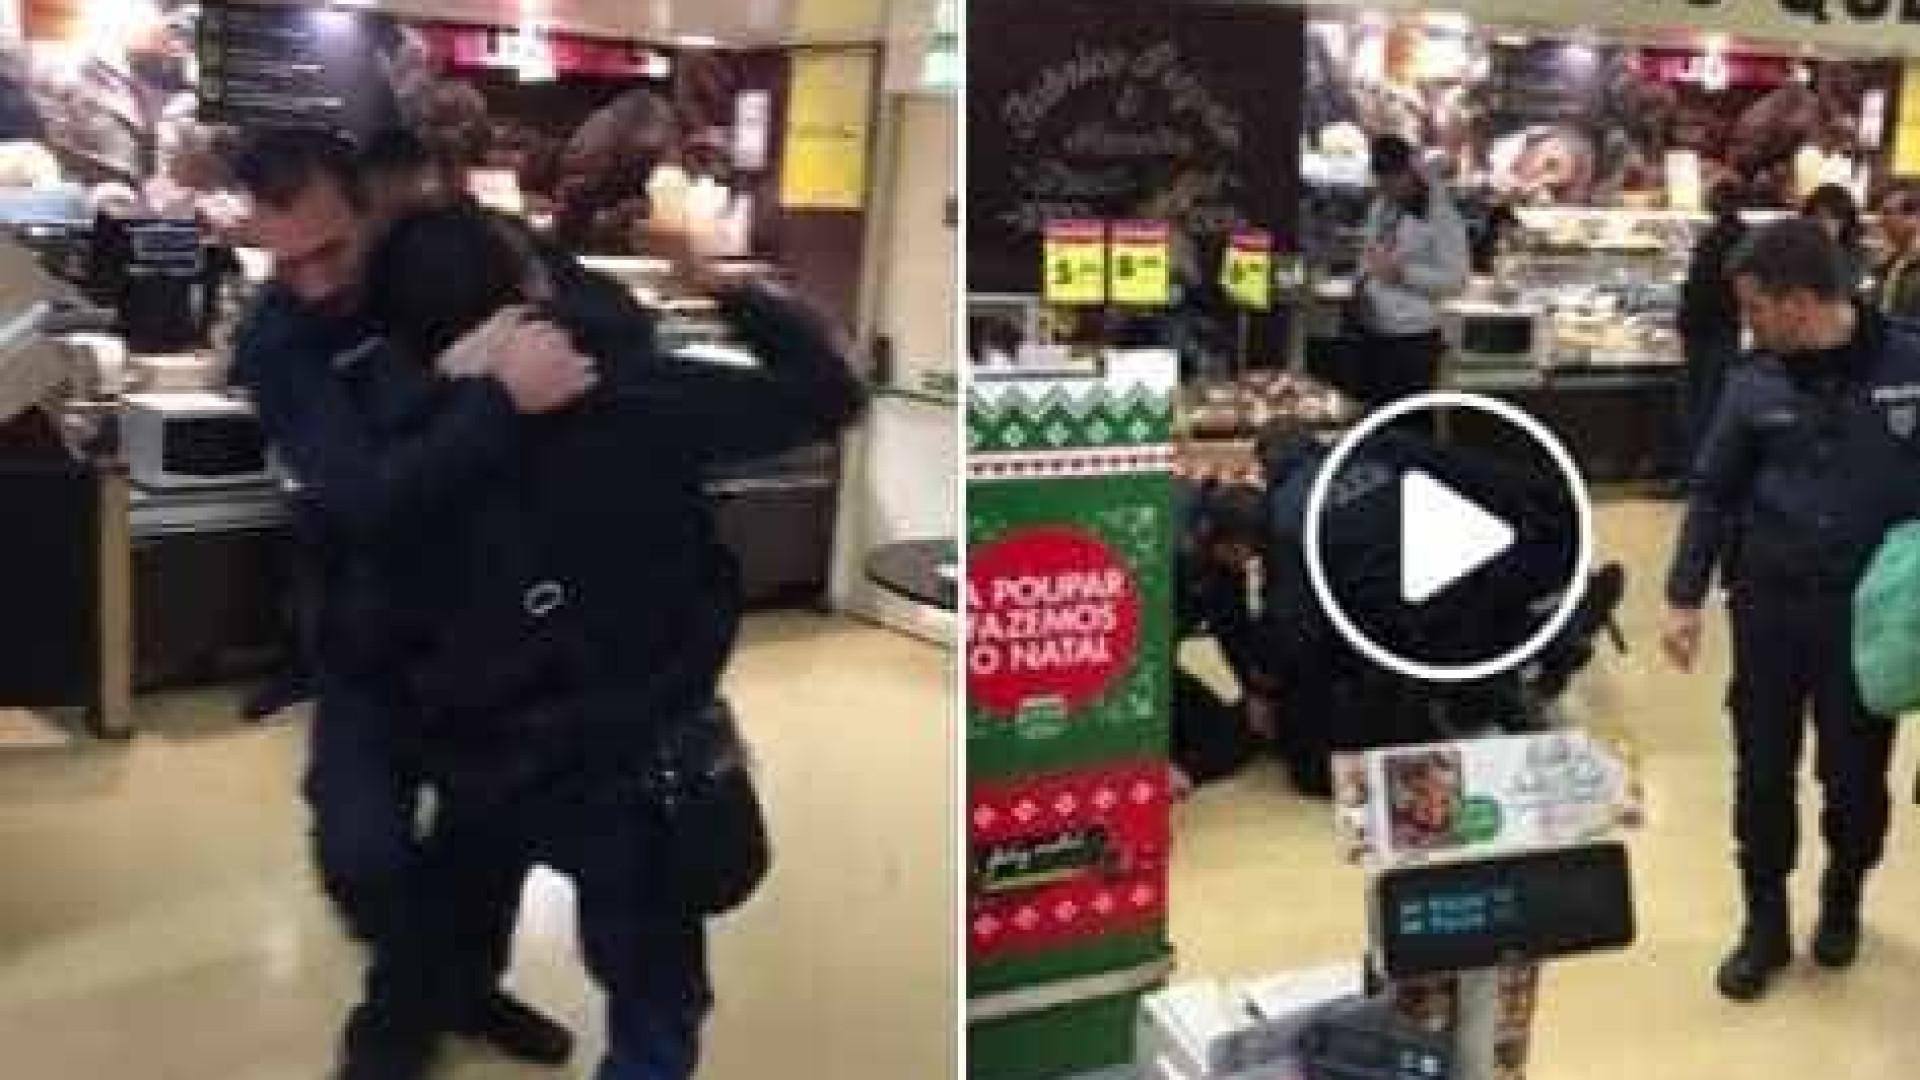 Pingo Doce averigua imagens de detenção violenta divulgadas no Facebook | VÍDEO